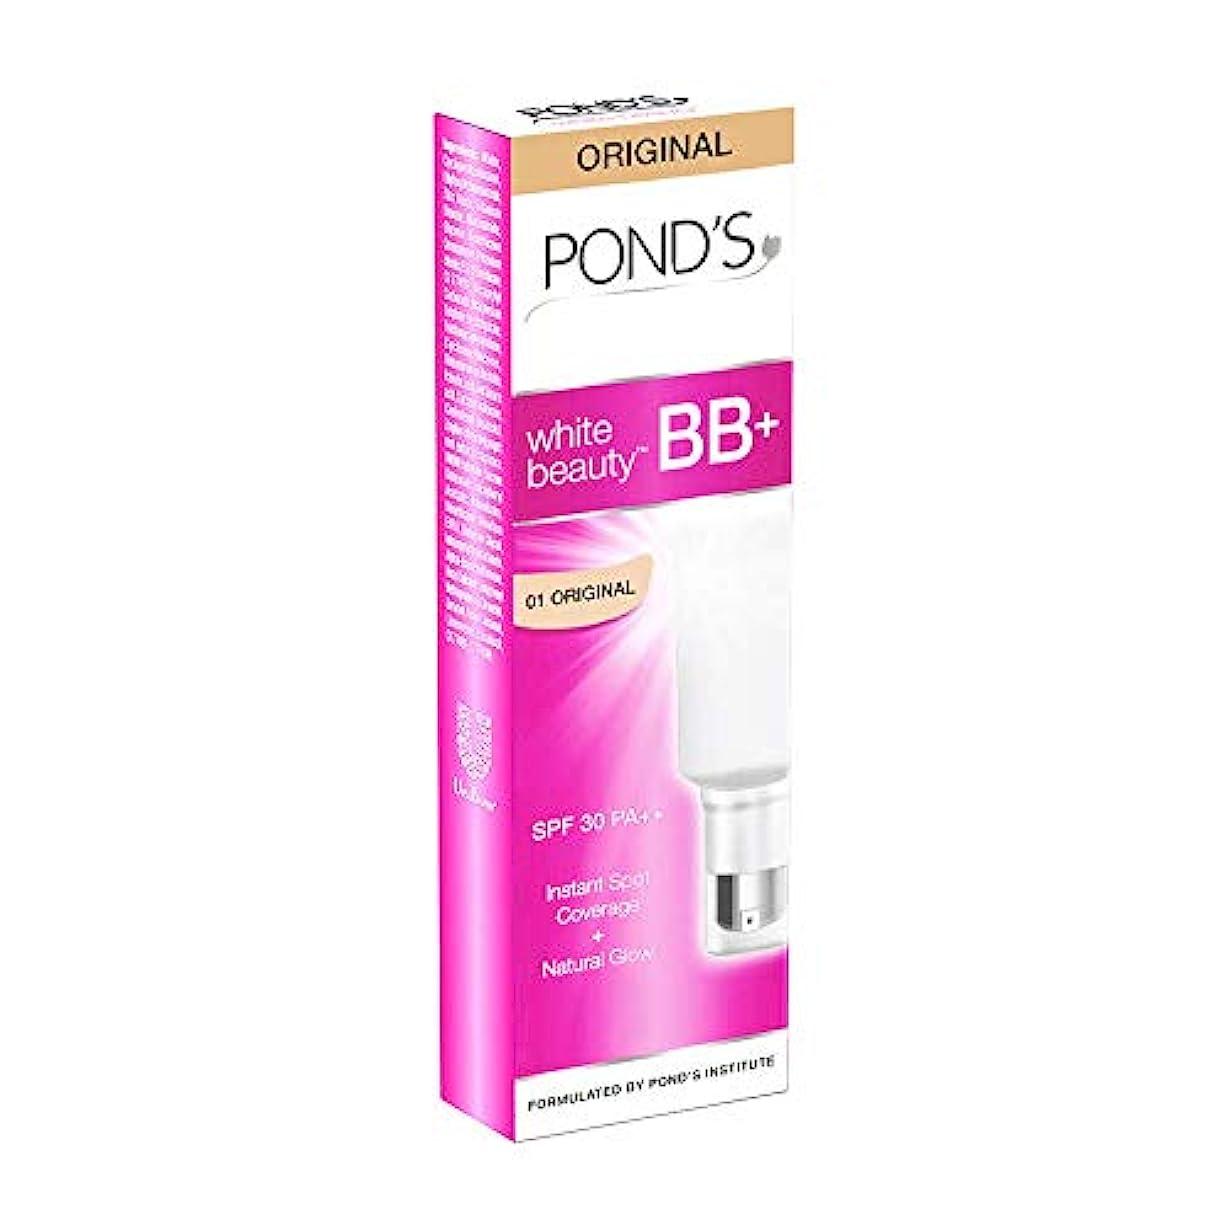 米ドル冒険戻るPOND'S White Beauty All-in-One BB+ Fairness Cream SPF 30 PA++, 18g (Pack of 3)